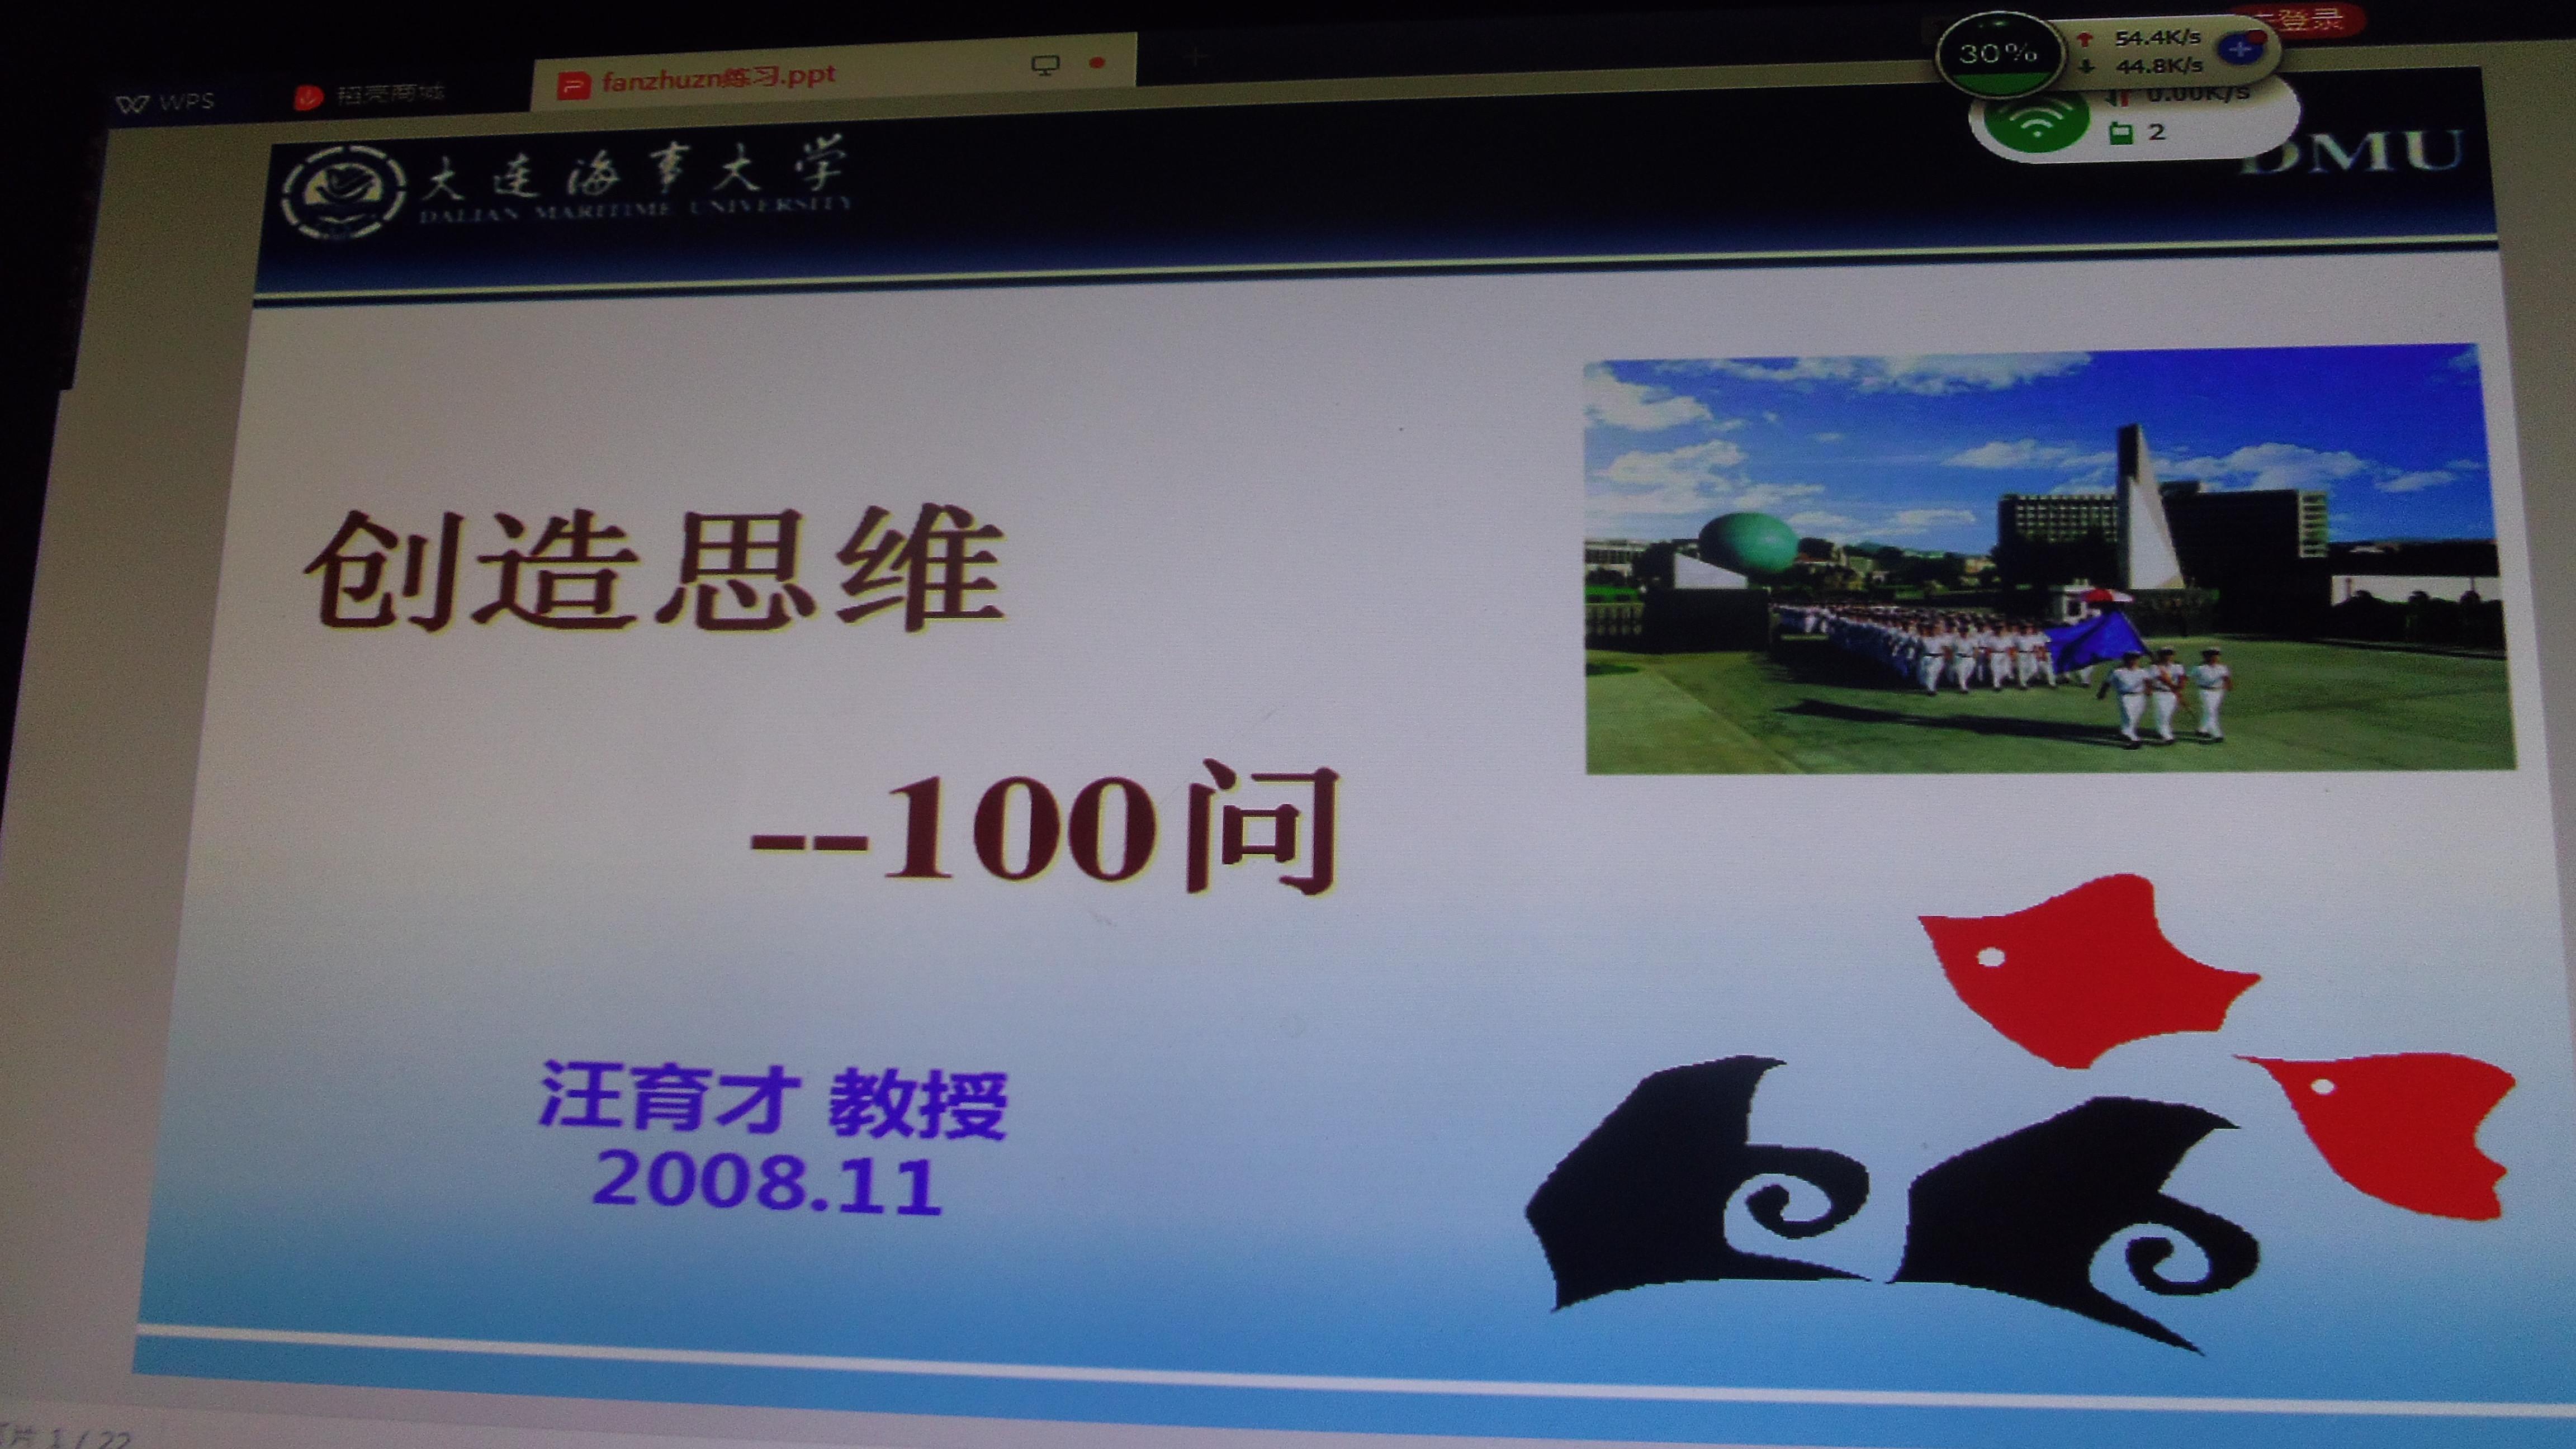 IMGP0302.JPG